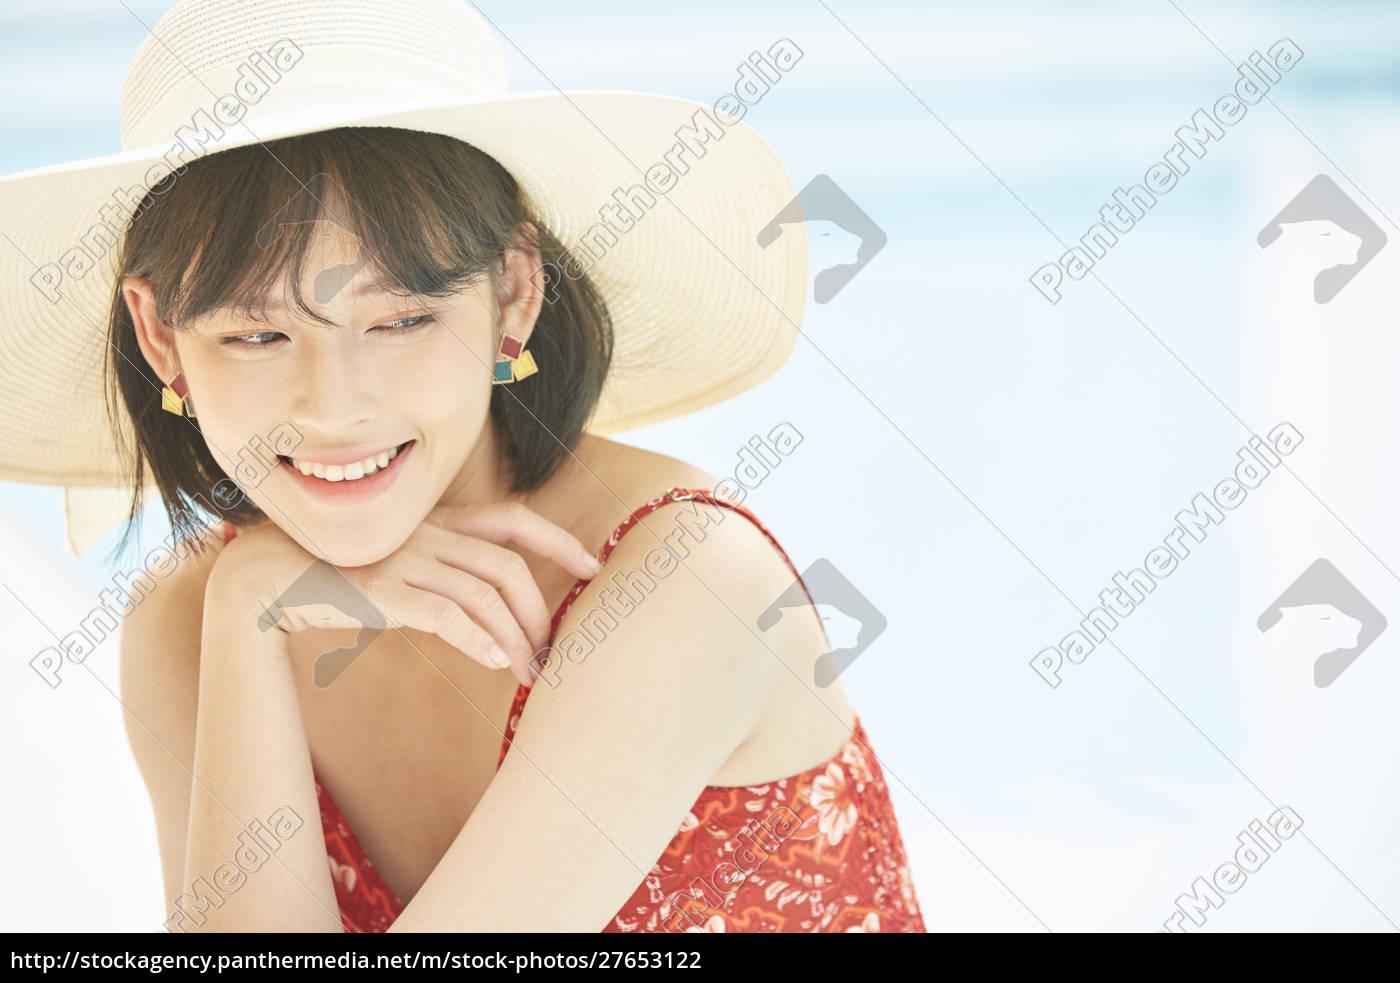 women, women's, journey, resort - 27653122